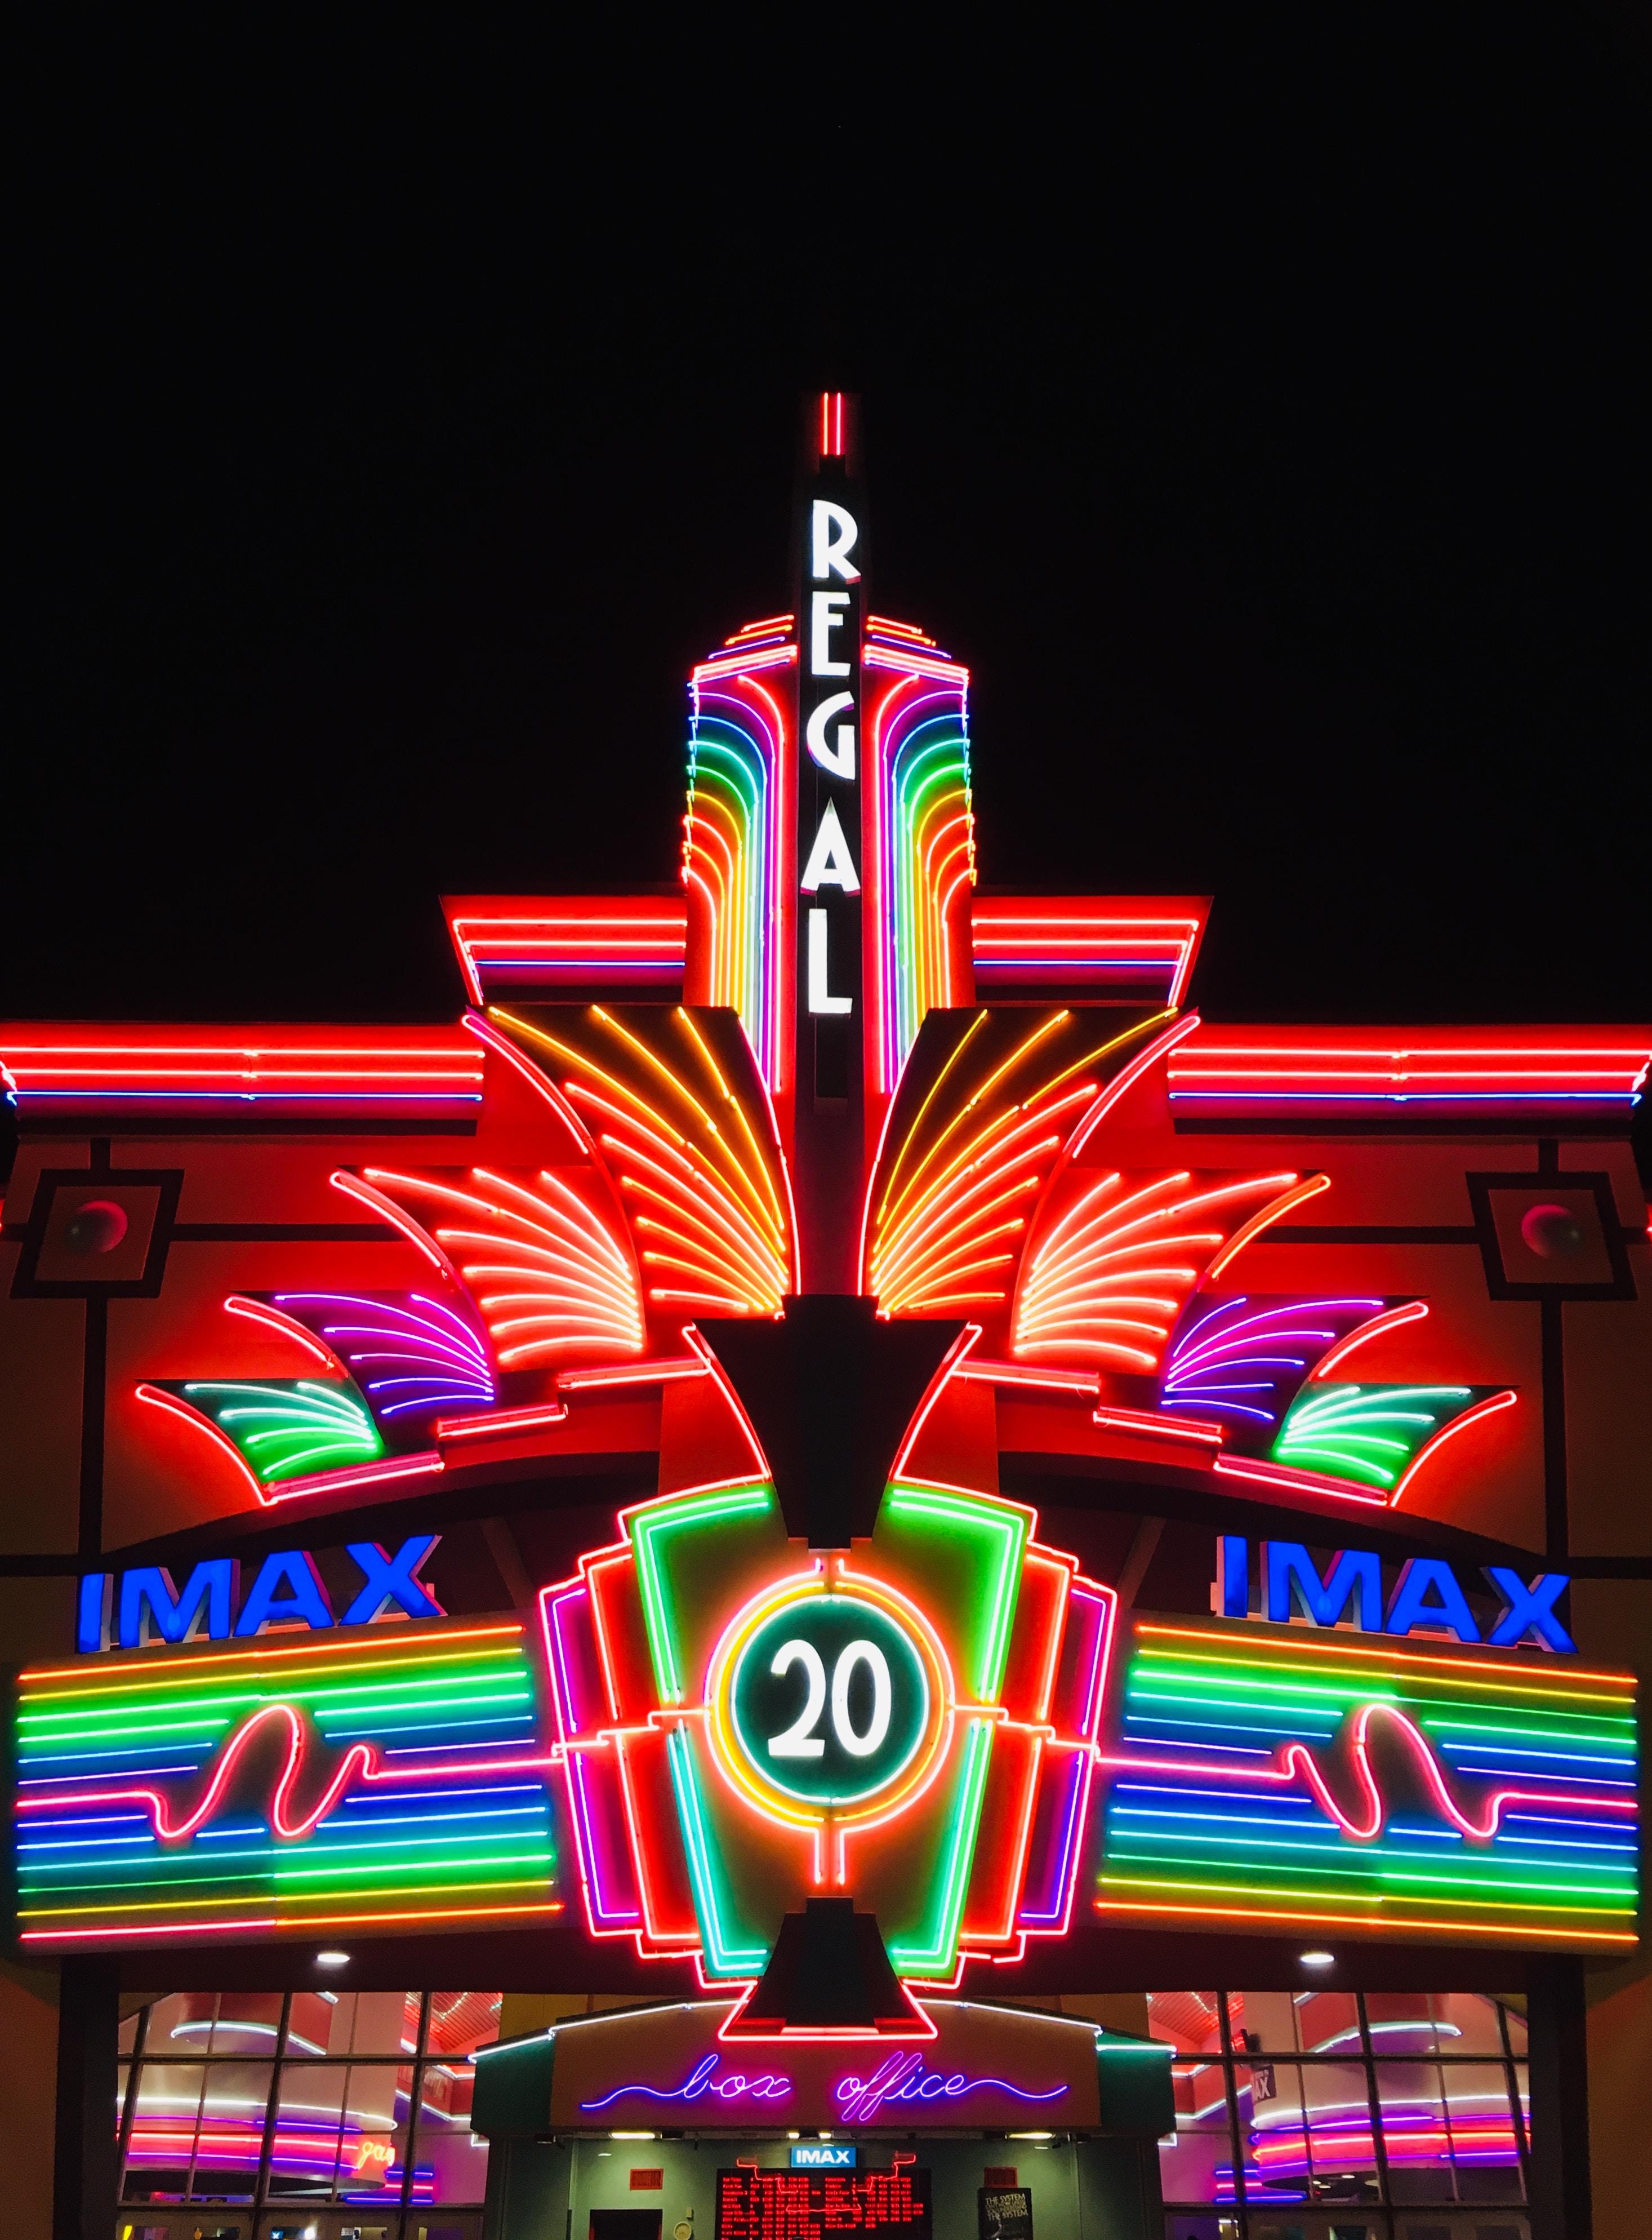 Imaxとは 普通の映画と何が違うの メメント森のvodセンター